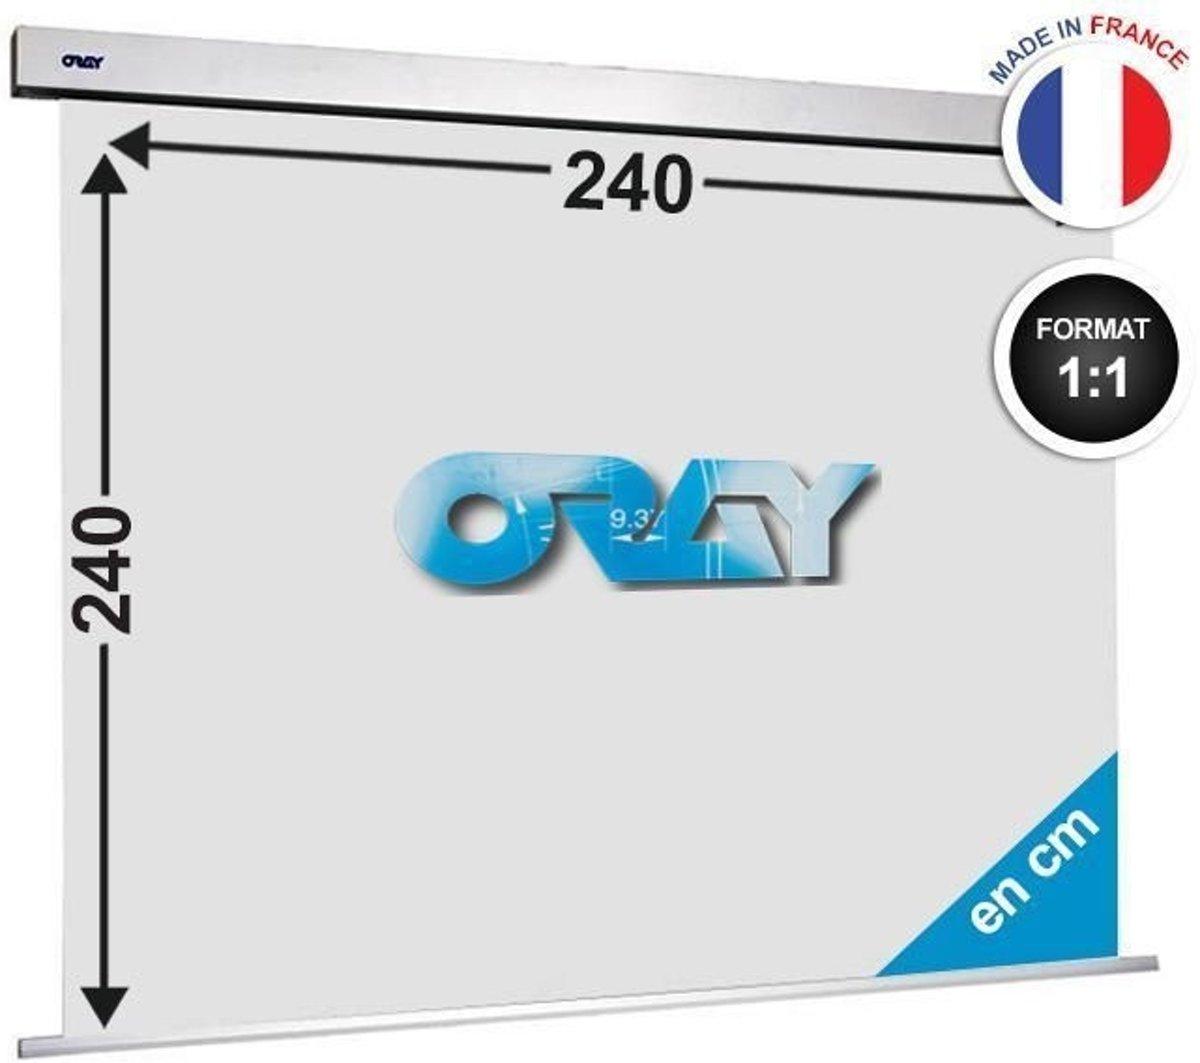 ORAY Squar'PRO matt white 240x240 SQ1B1240240 kopen